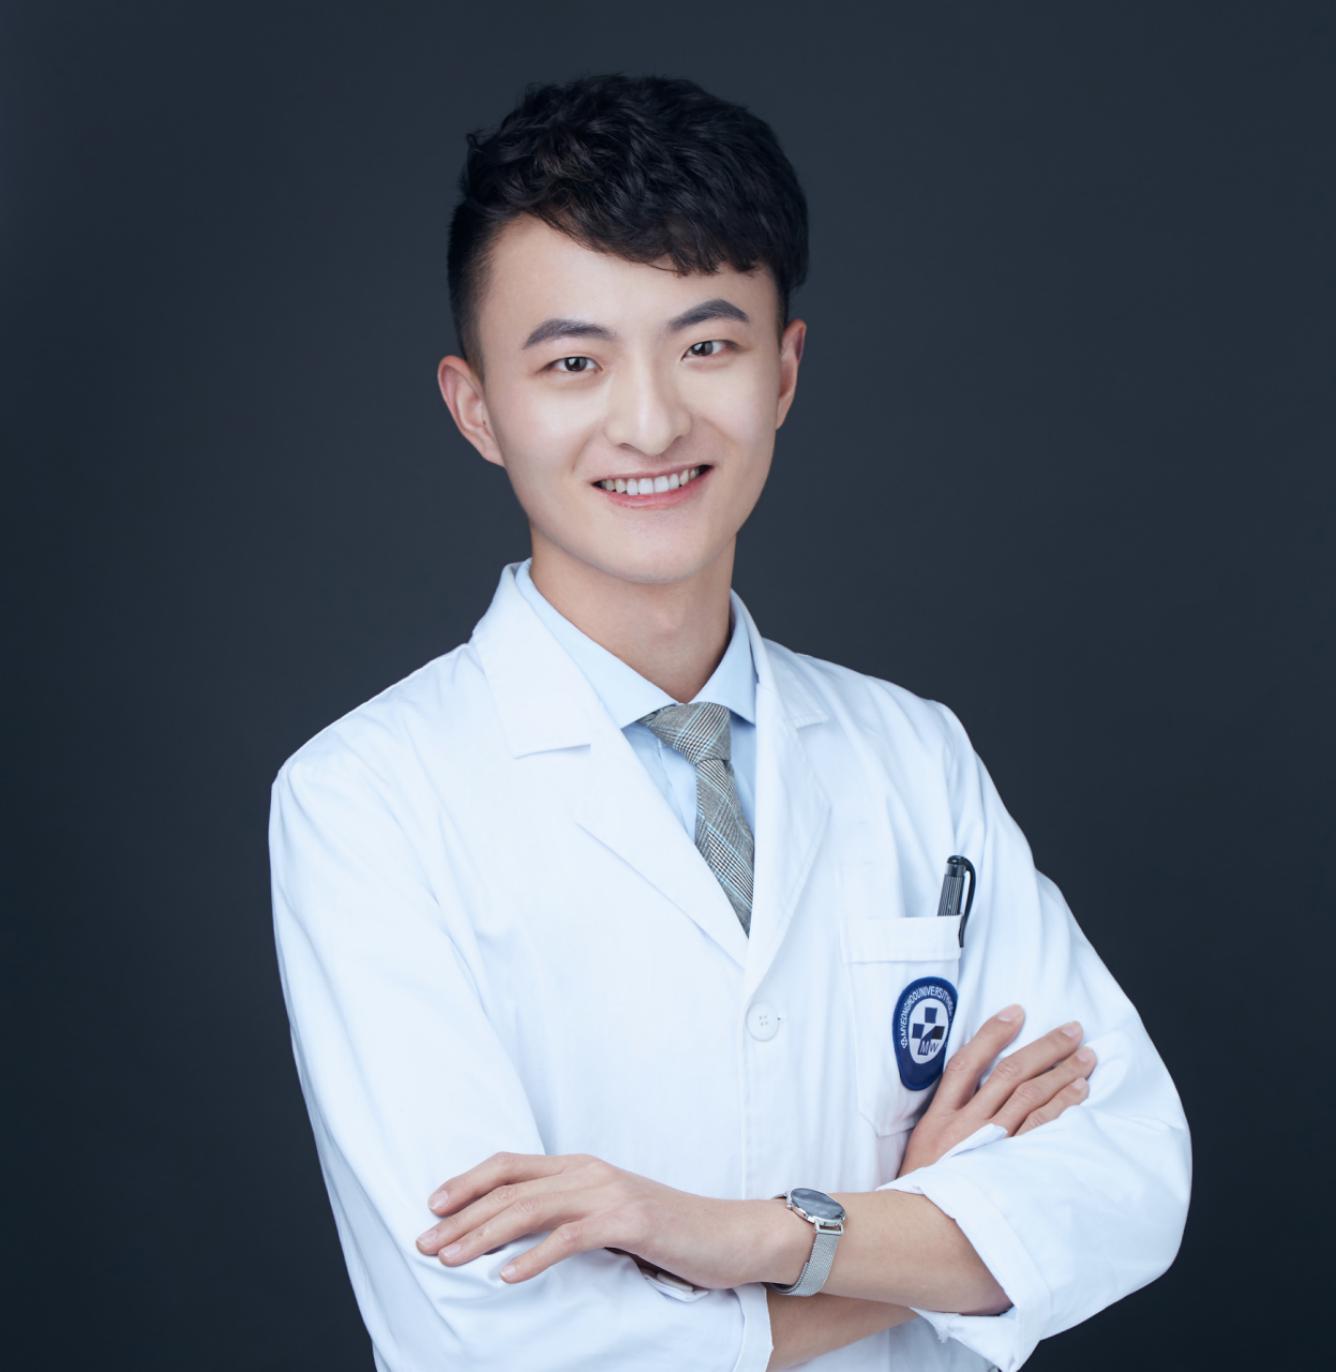 Dr. Junxiang Wang